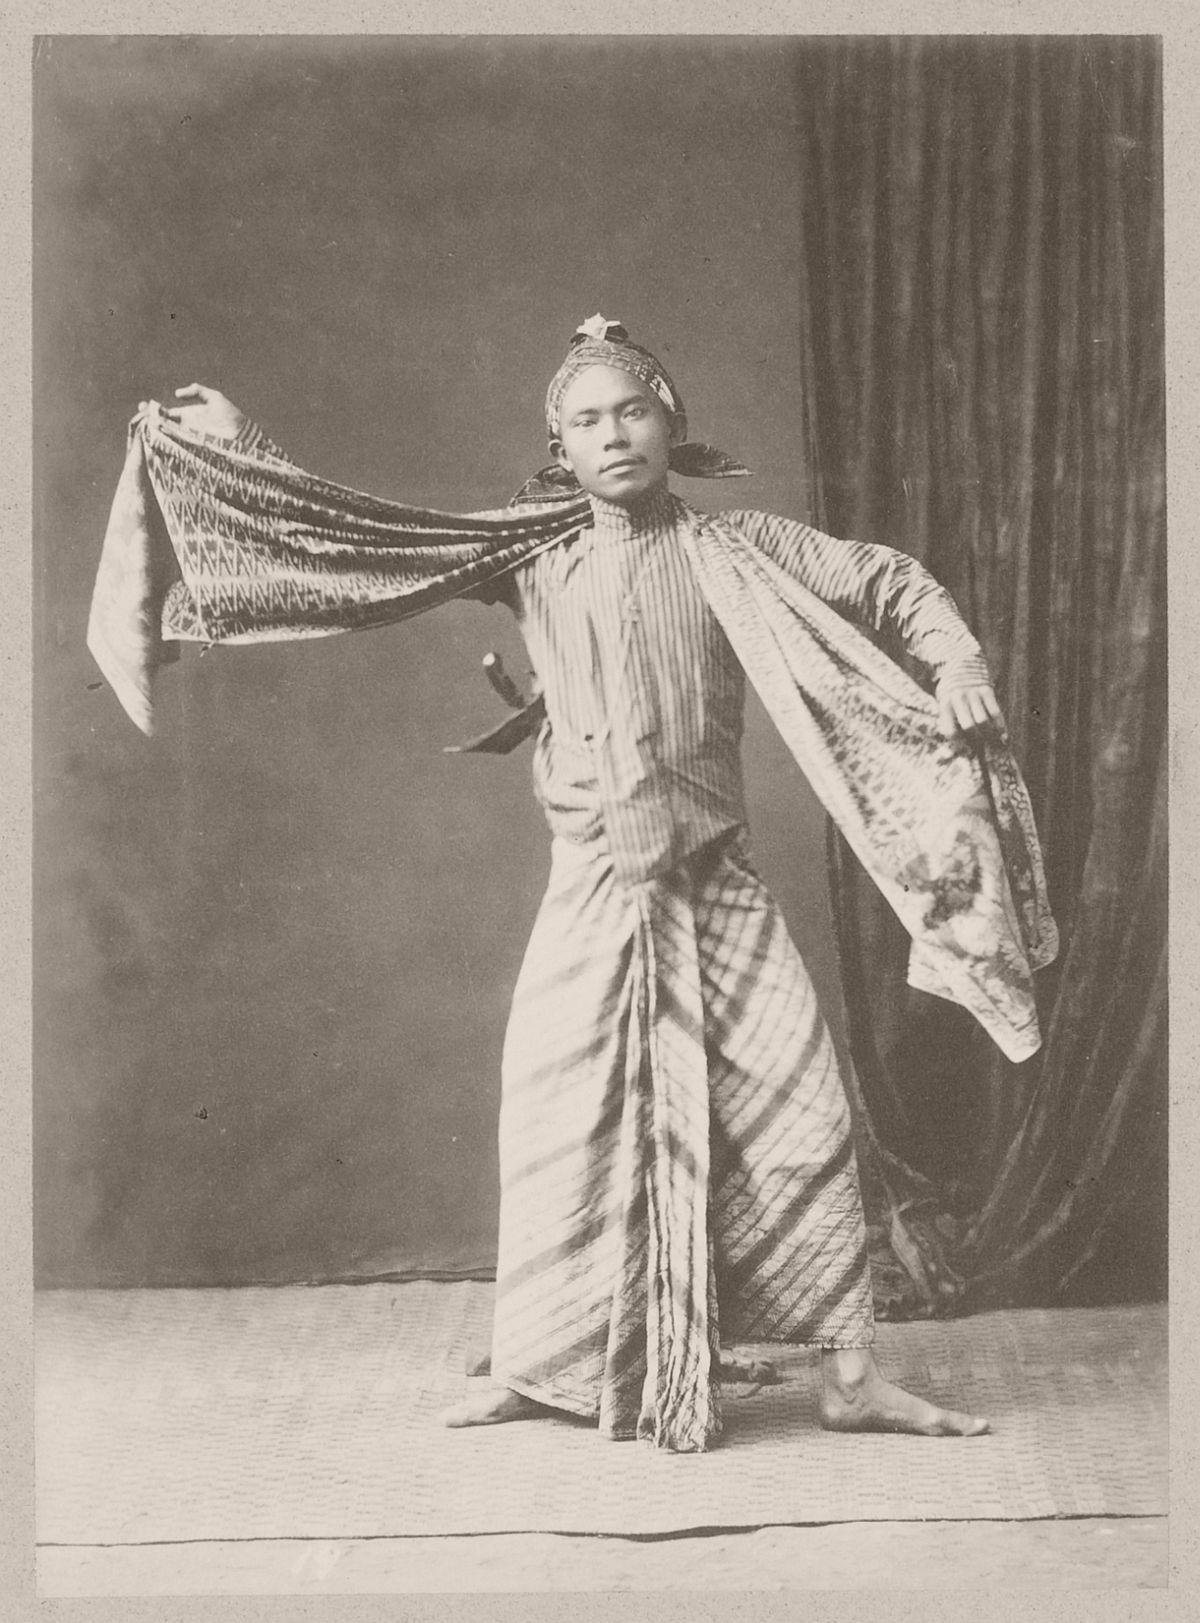 A dancer at Yogyakarta, circa 1900